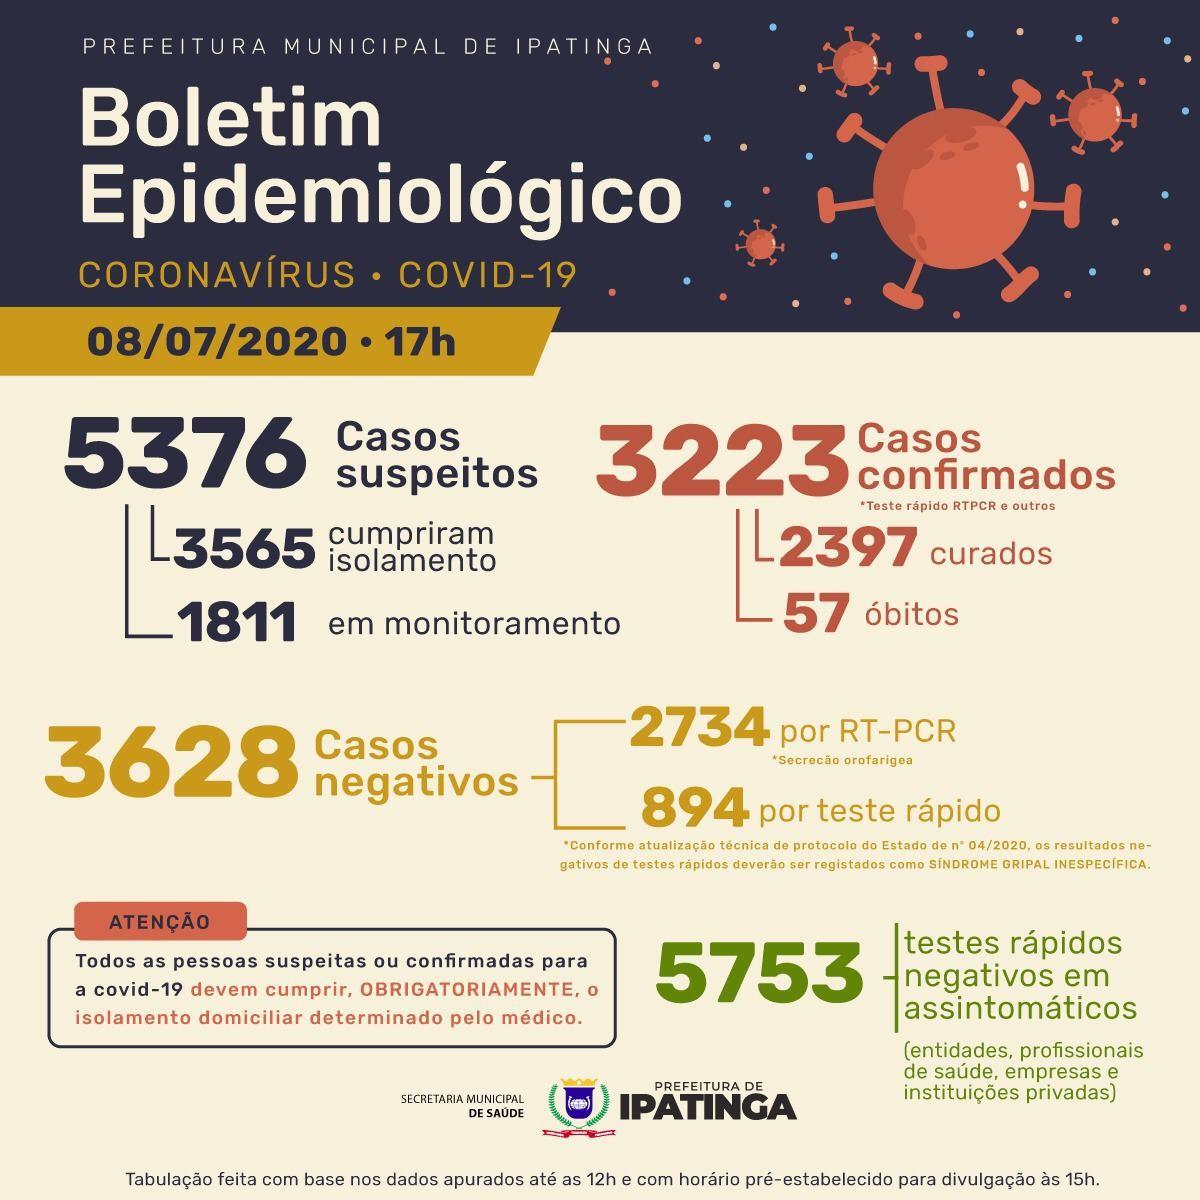 Prefeitura de Ipatinga confirma nova morte e 225 novos casos de Covid-19